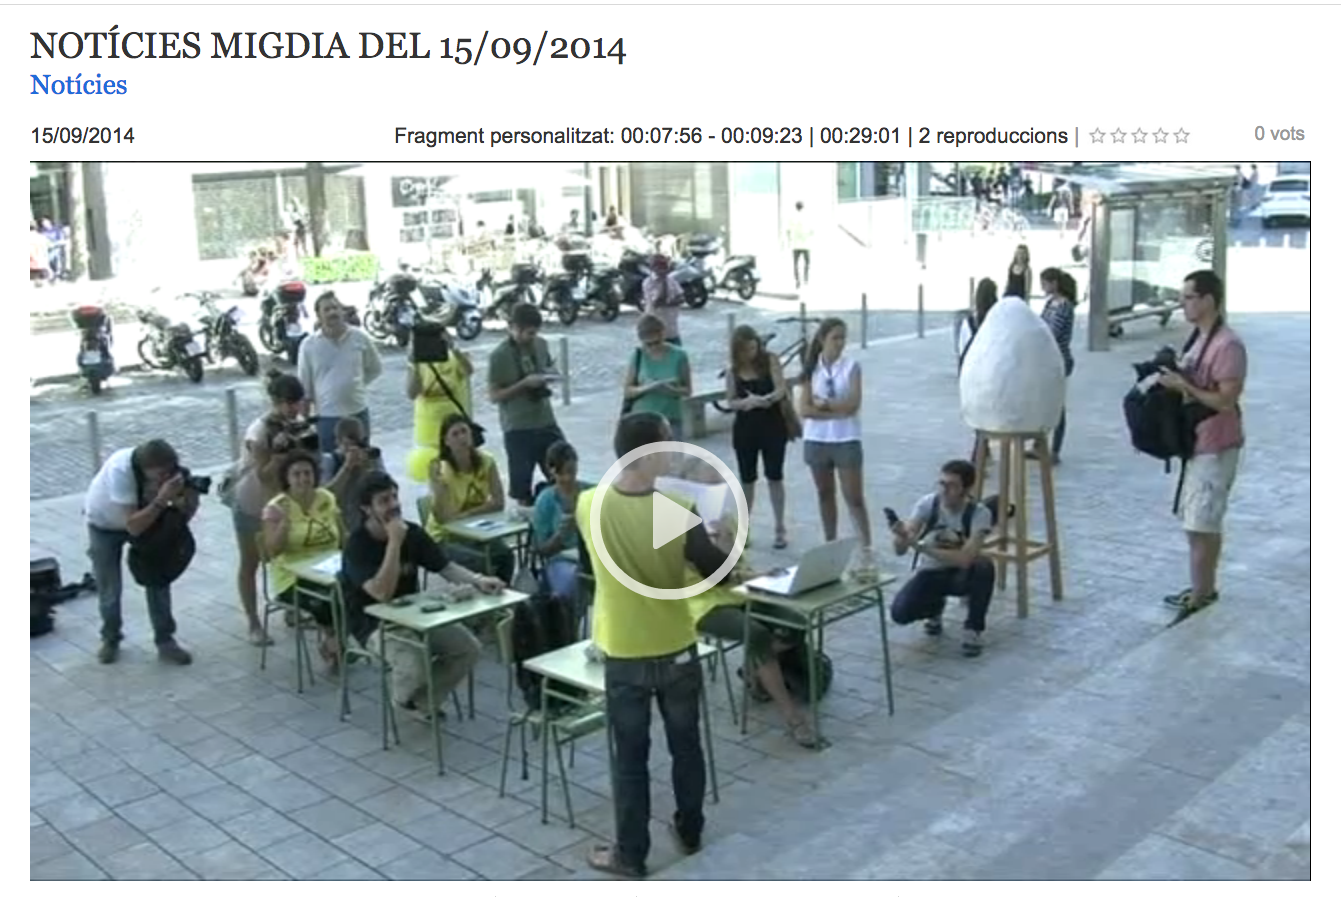 http://tvgirona.xiptv.cat/noticies/capitol/noticies-migdia-del-15-09-2014?s=476&e=563